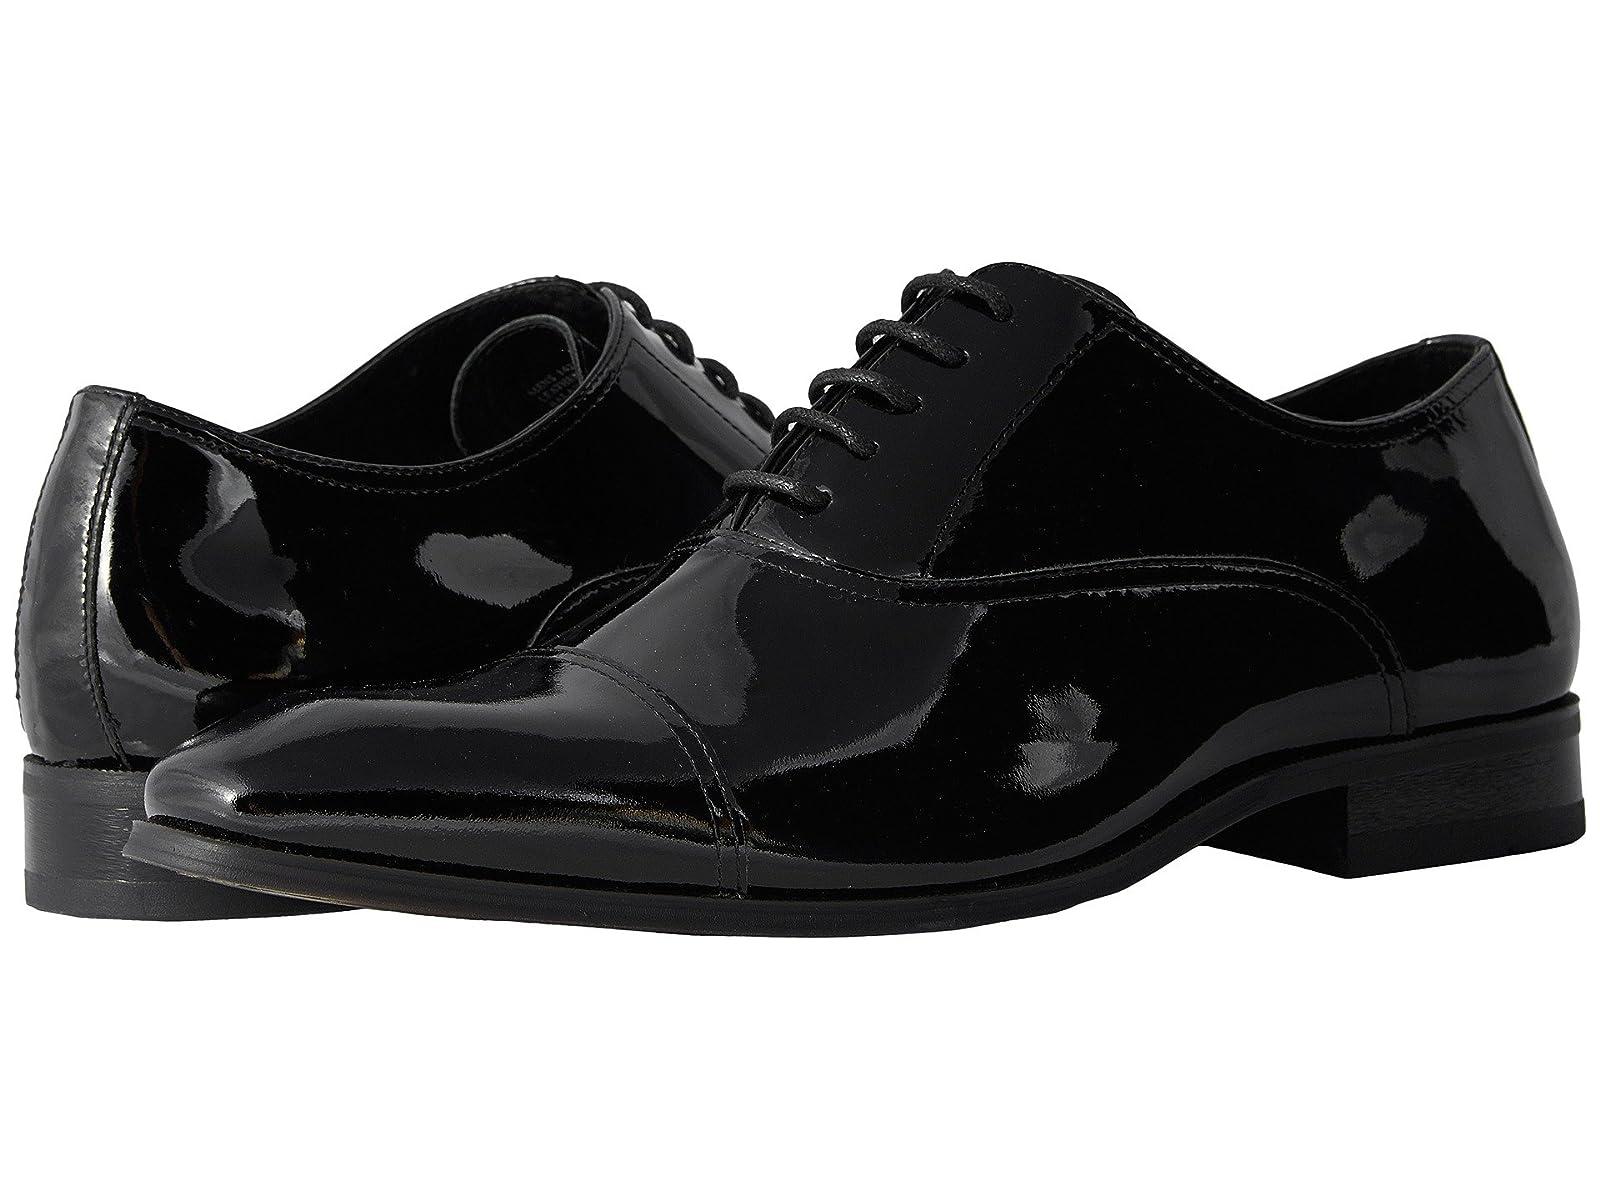 Florsheim Tux Cap Toe OxfordAtmospheric grades have affordable shoes